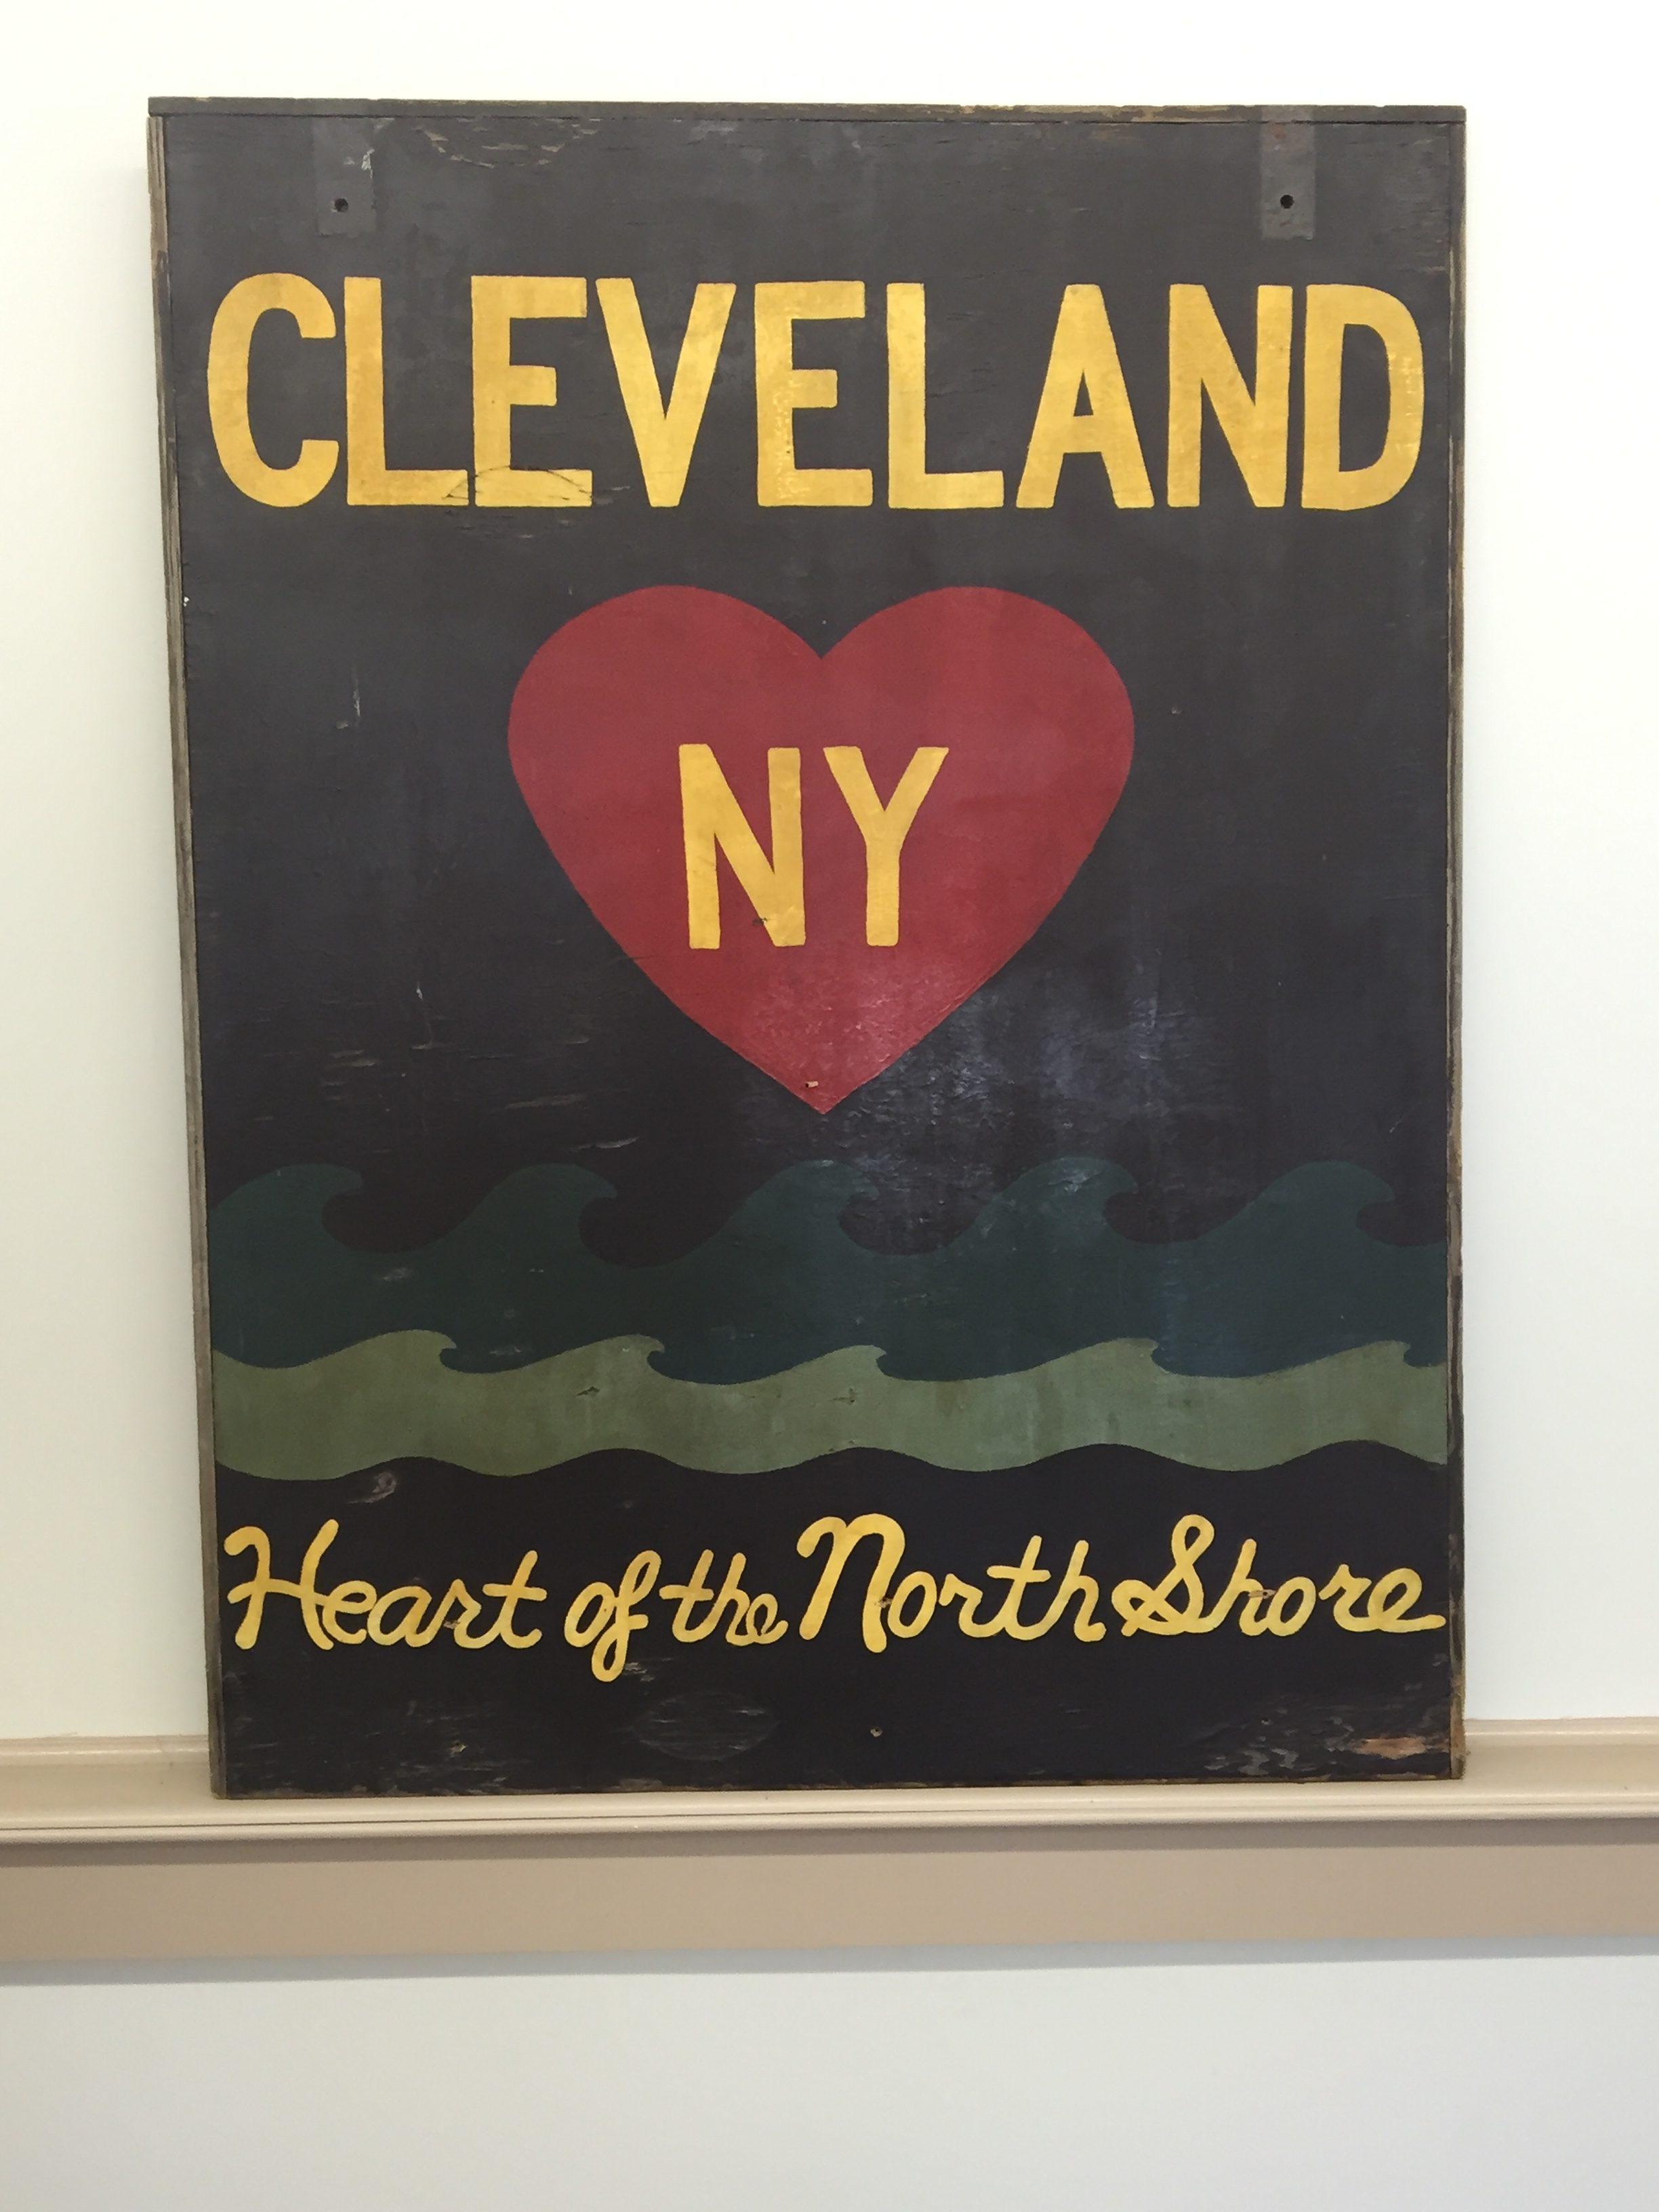 Cleveland NY